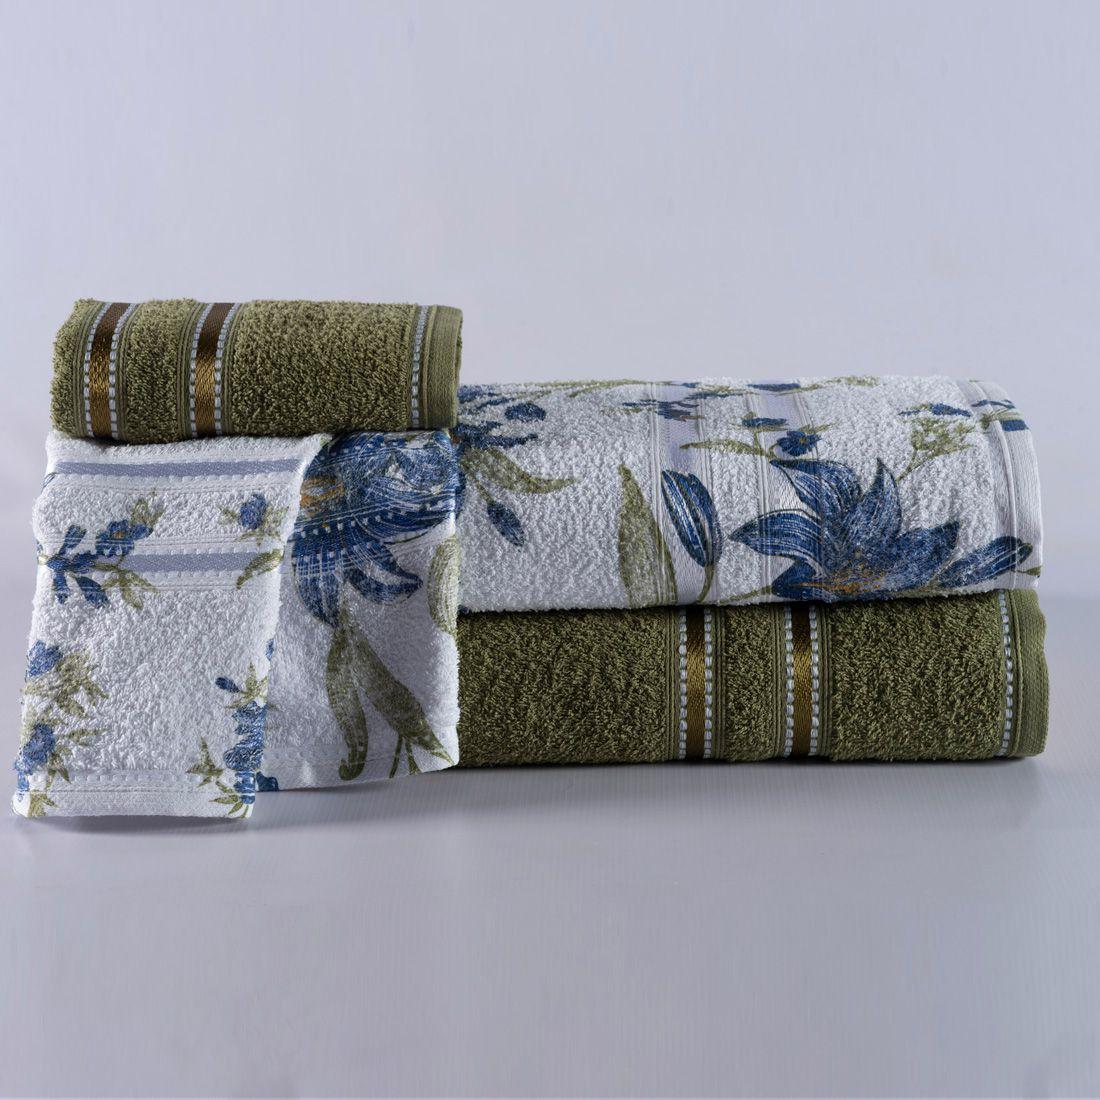 Jogo de Banho Noblesse Verde/Blossom Azul Felpa 100% Algodão 340 g/m² - 04 Peças